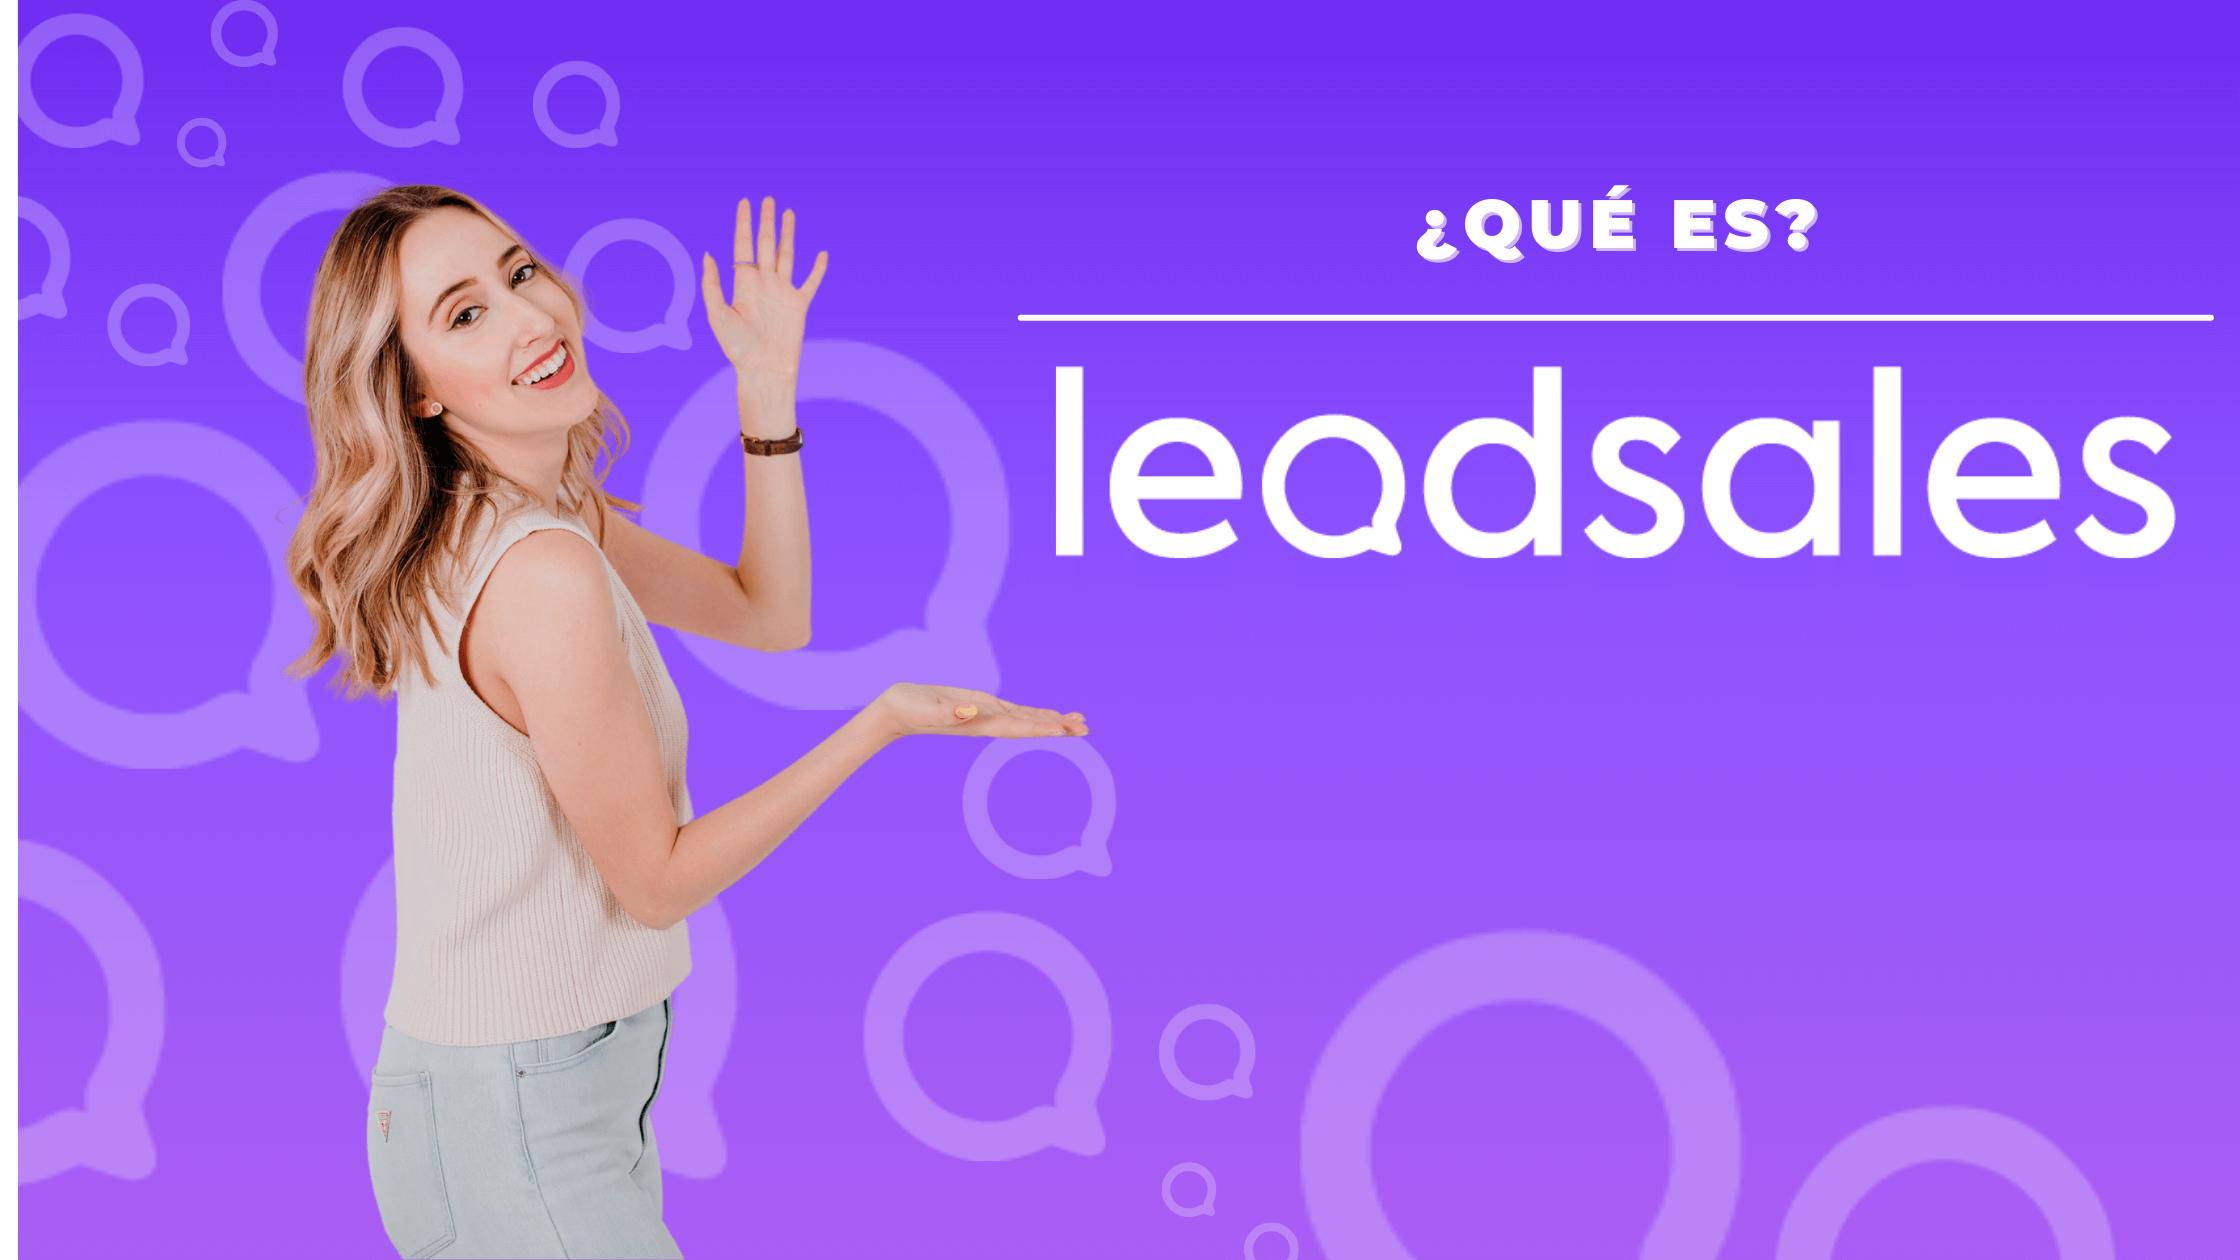 ¿Qué es Leadsales?